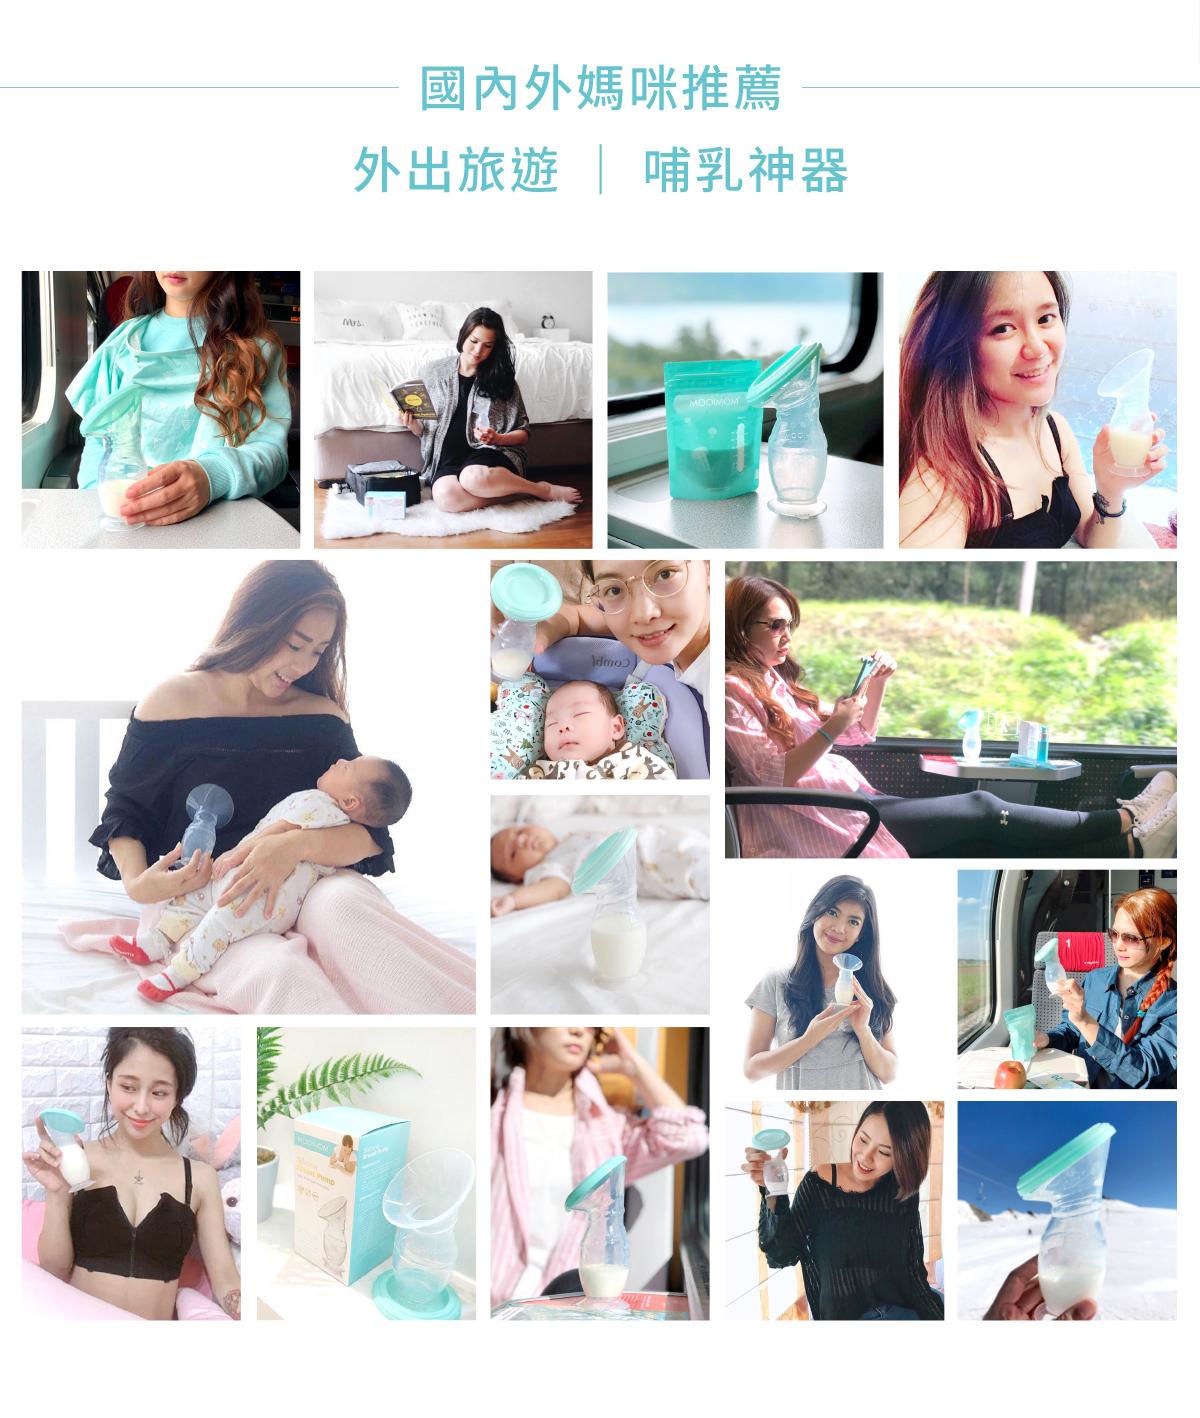 哺乳, 集乳器, 哺乳期, 真空吸力集乳器, 集乳, 國內外媽咪推薦, 外出旅遊 哺乳神器